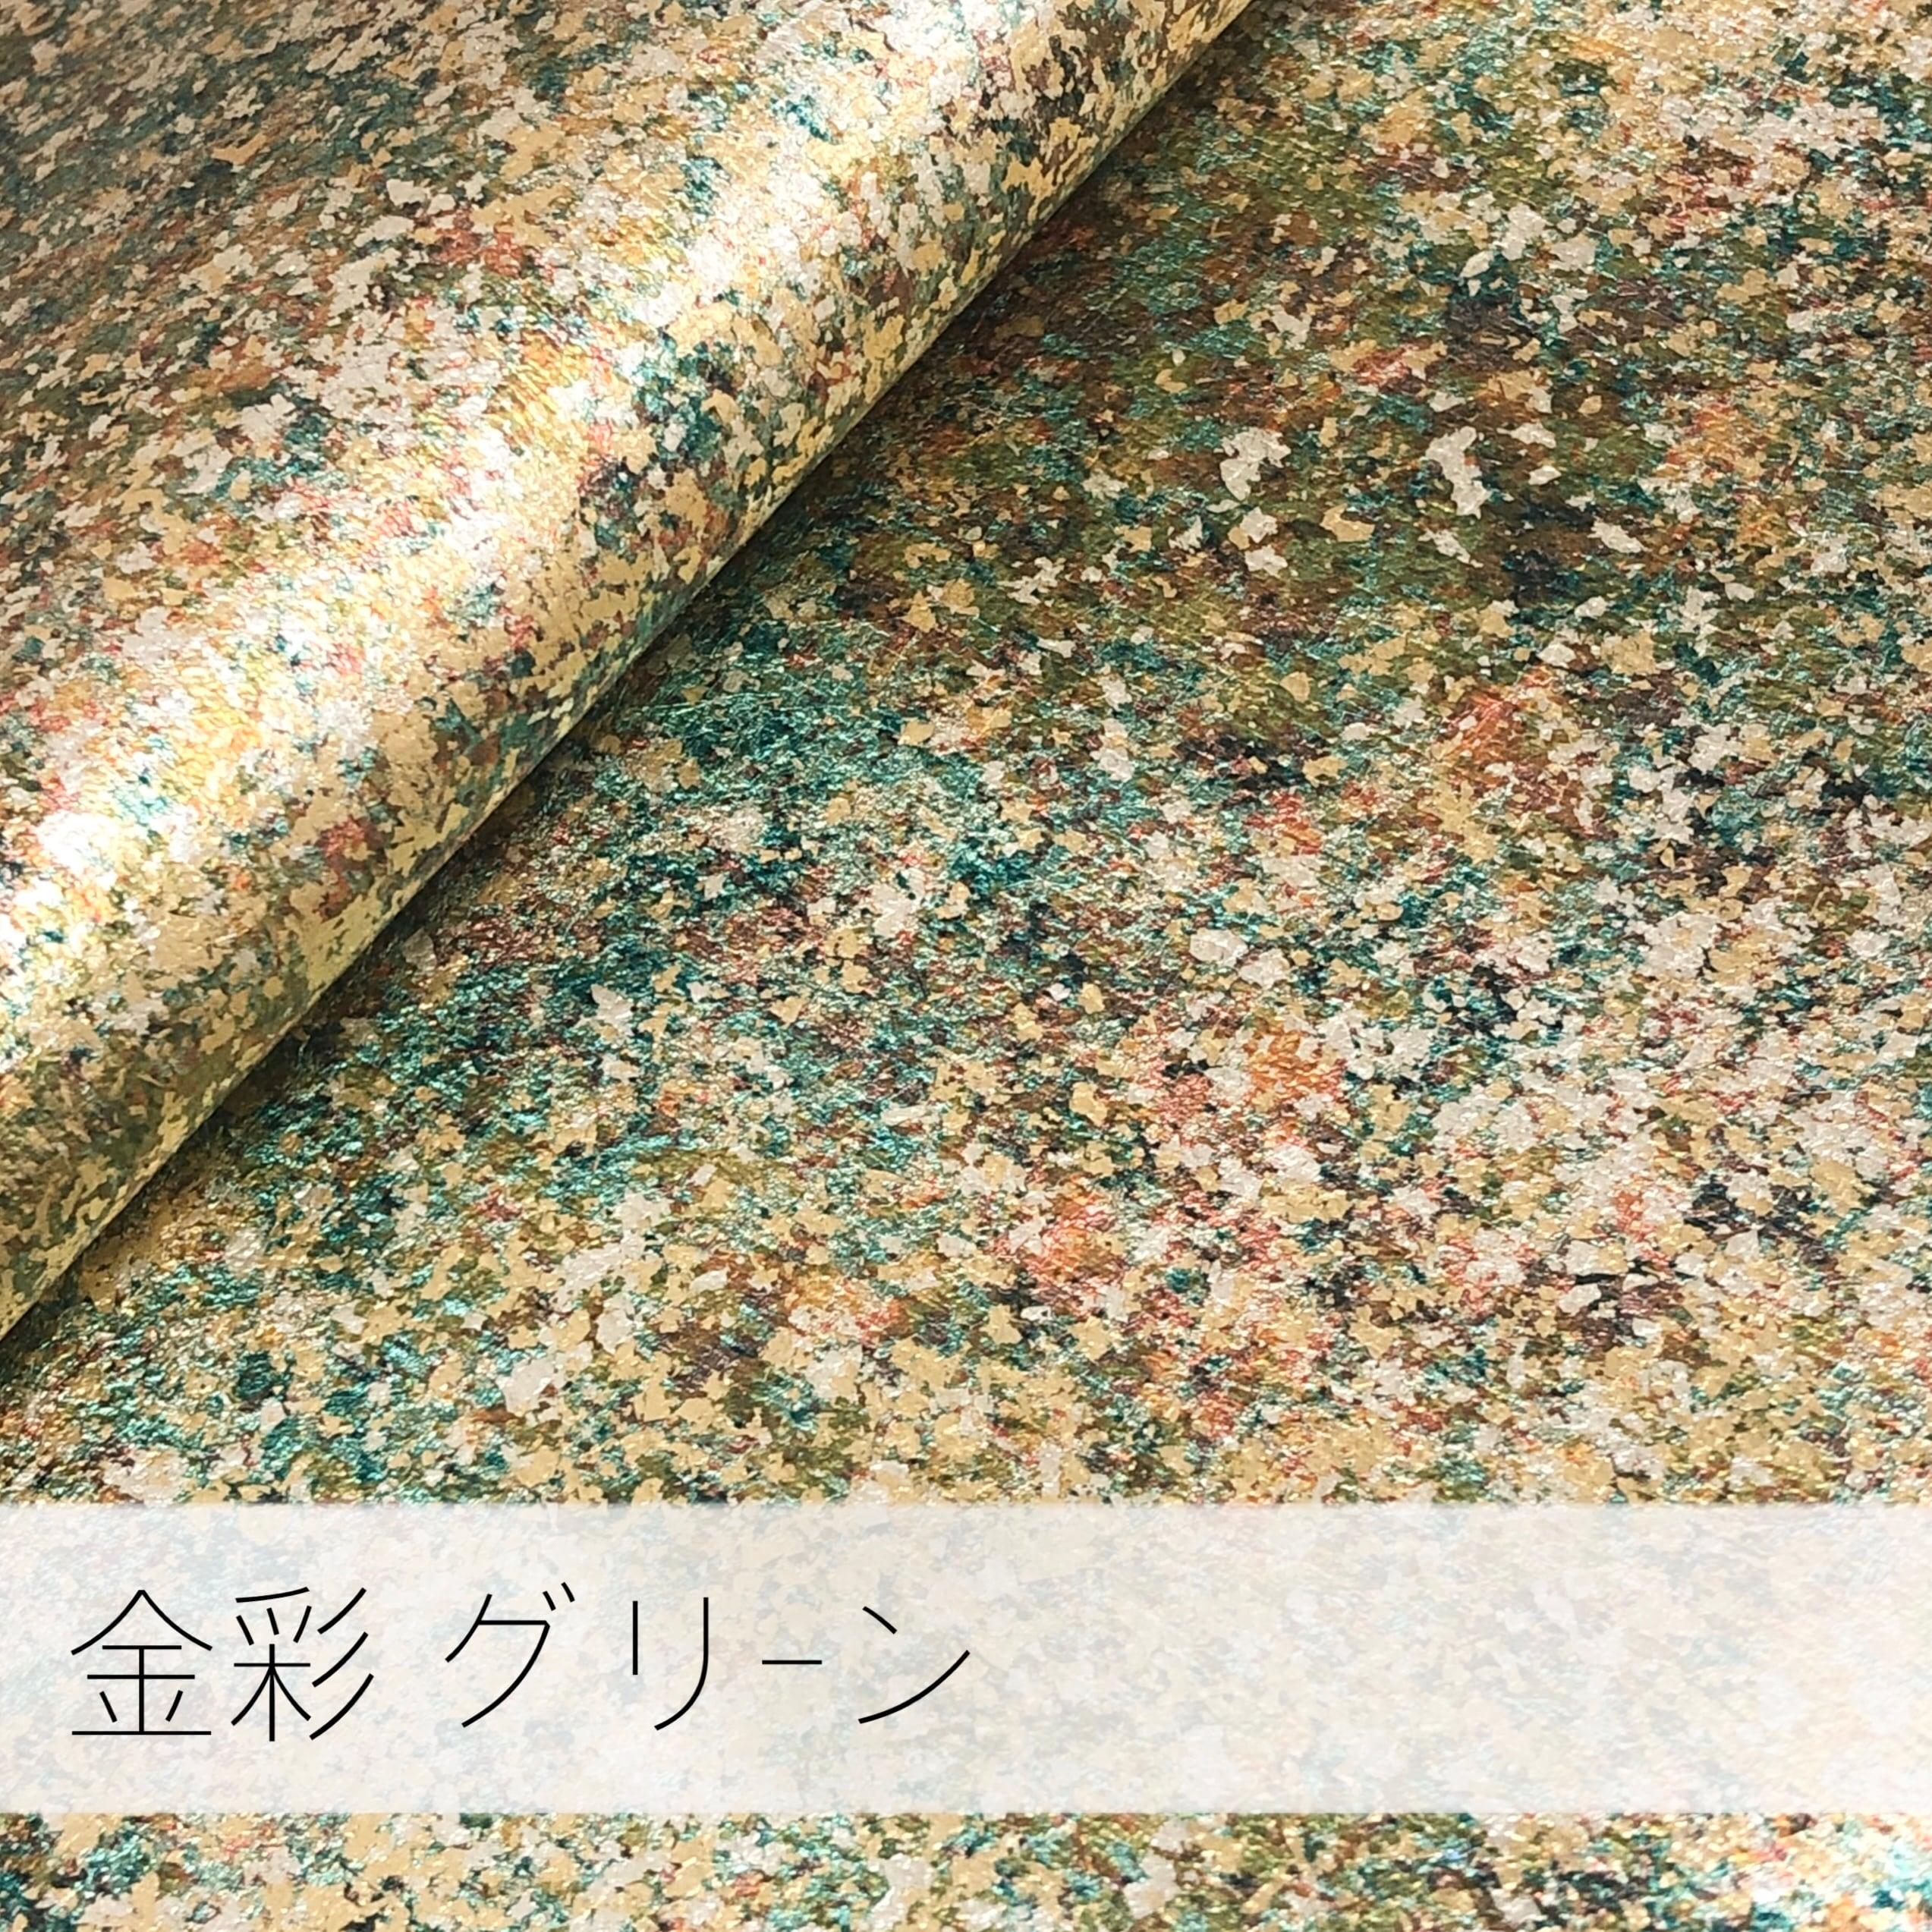 ネックレス(金彩シルバー/ネコノメ)